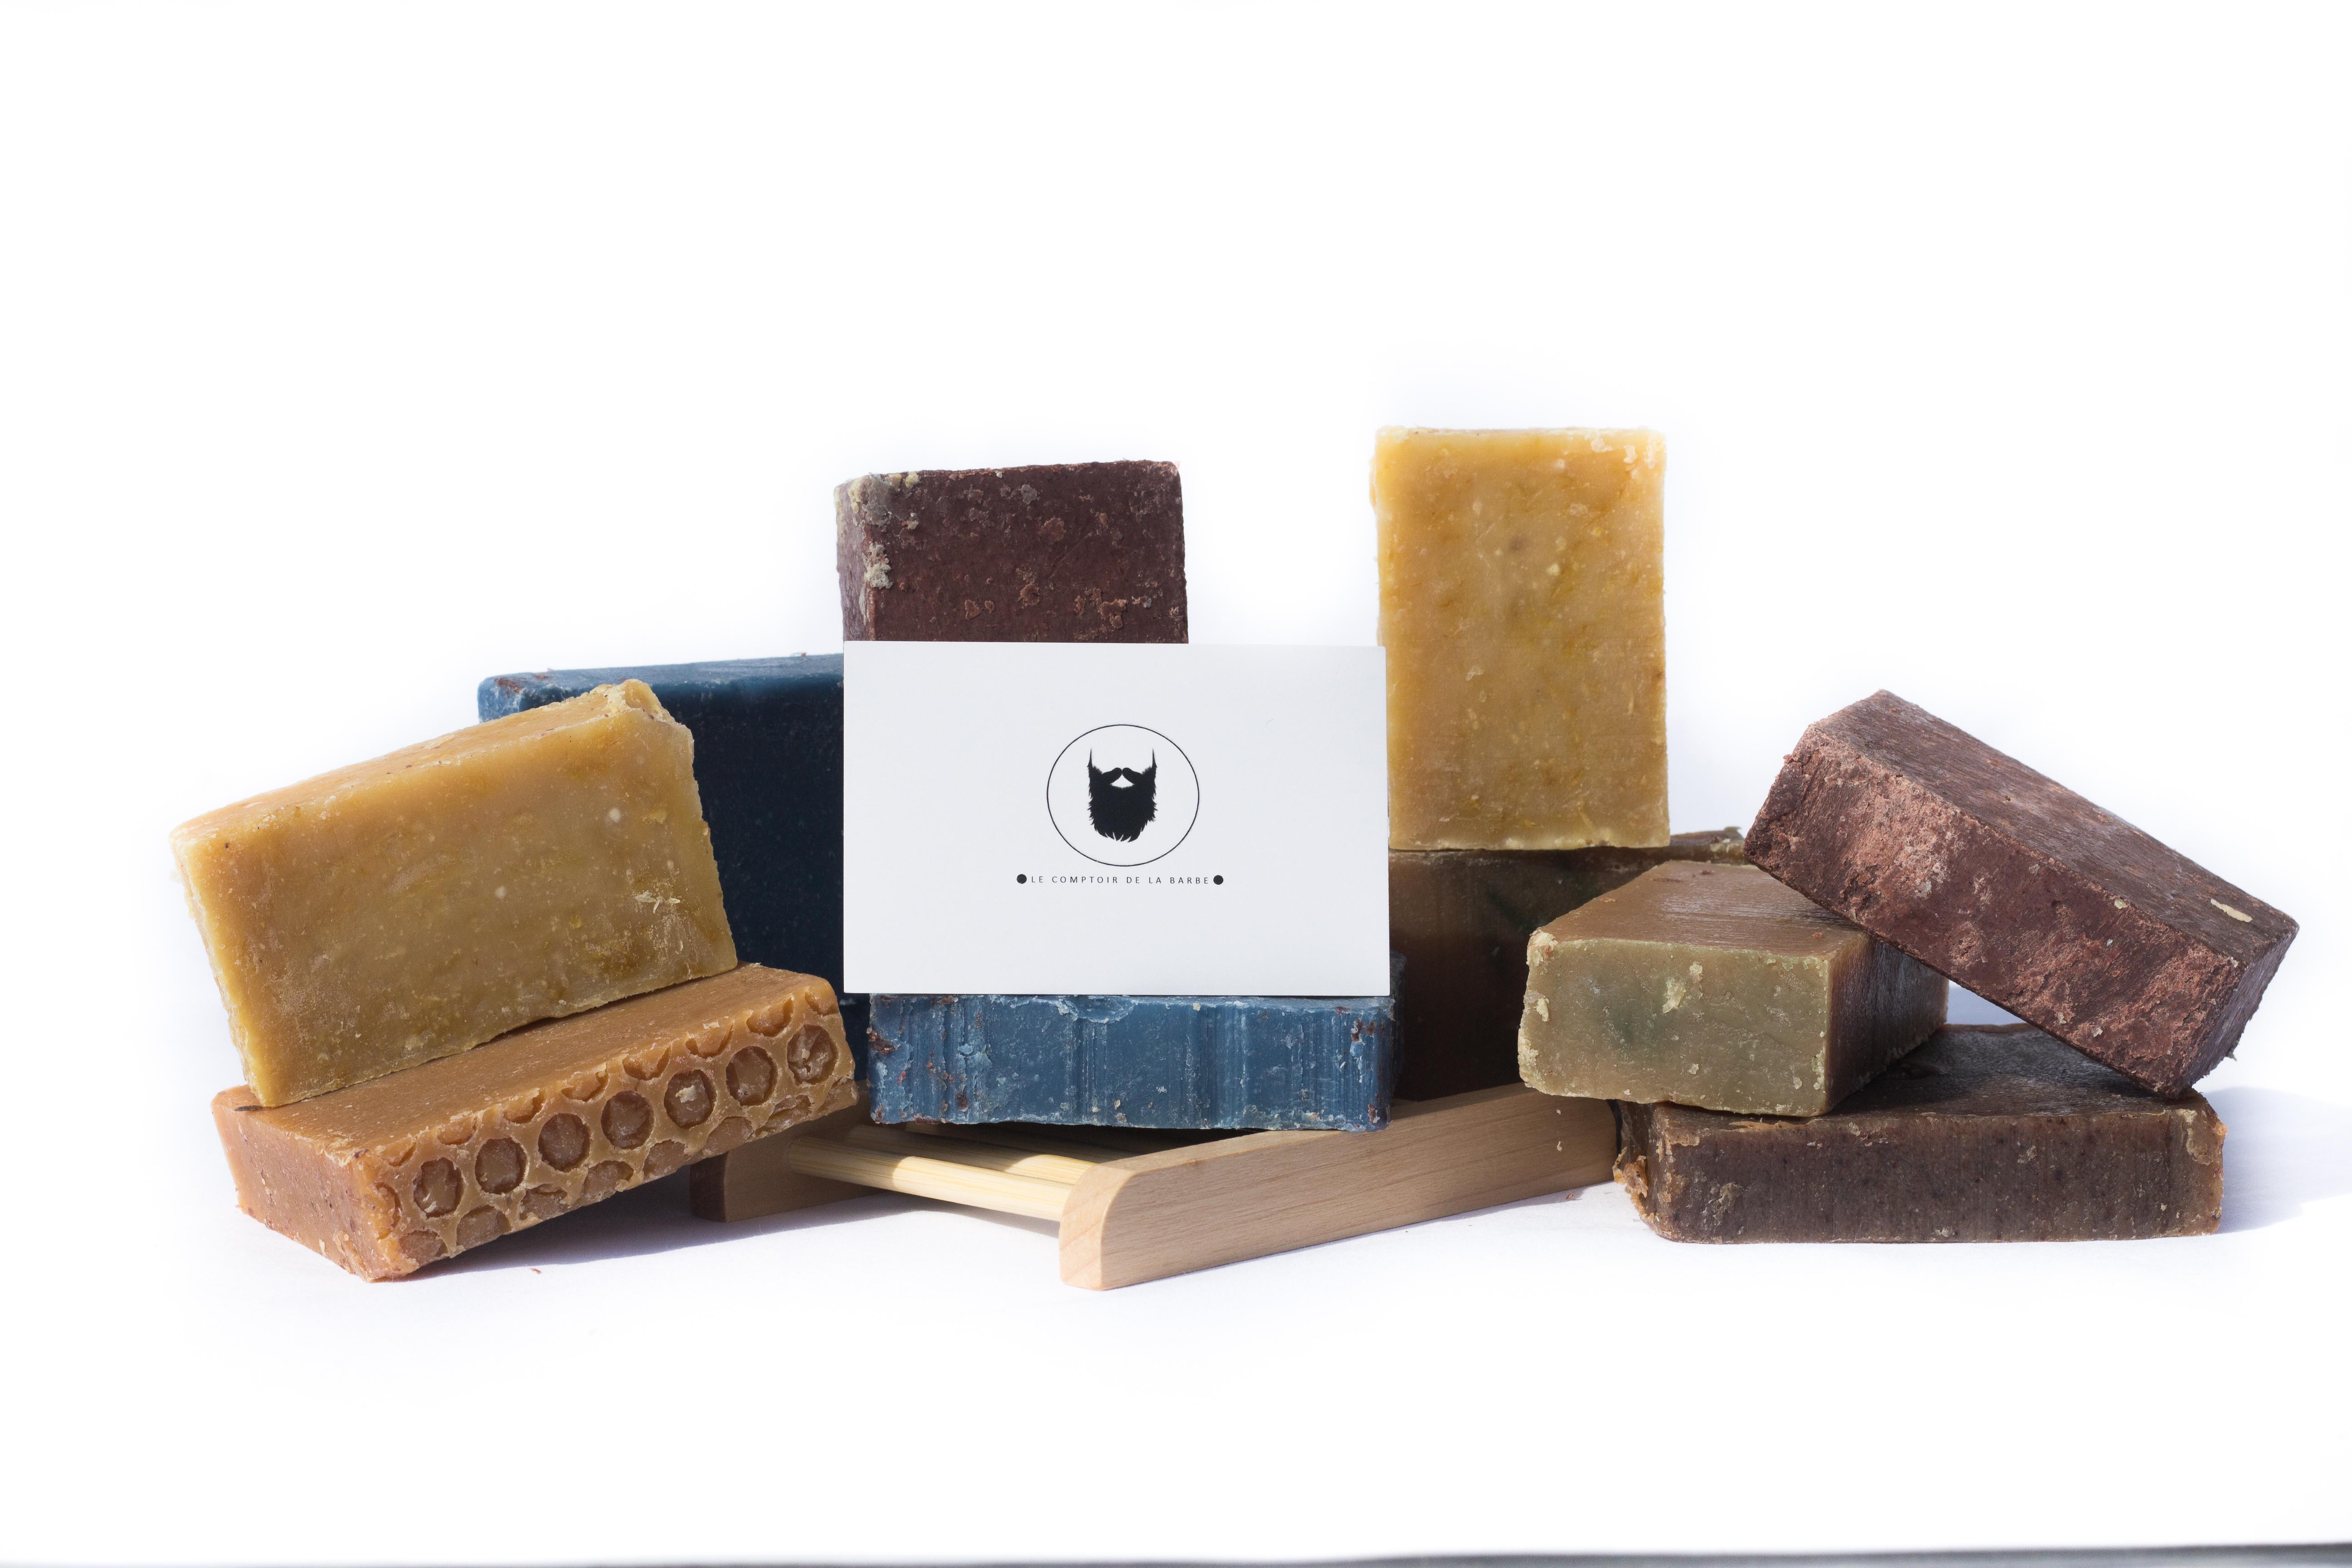 shampoing 100 naturels pour barbe et cheveux produits d 39 exception. Black Bedroom Furniture Sets. Home Design Ideas